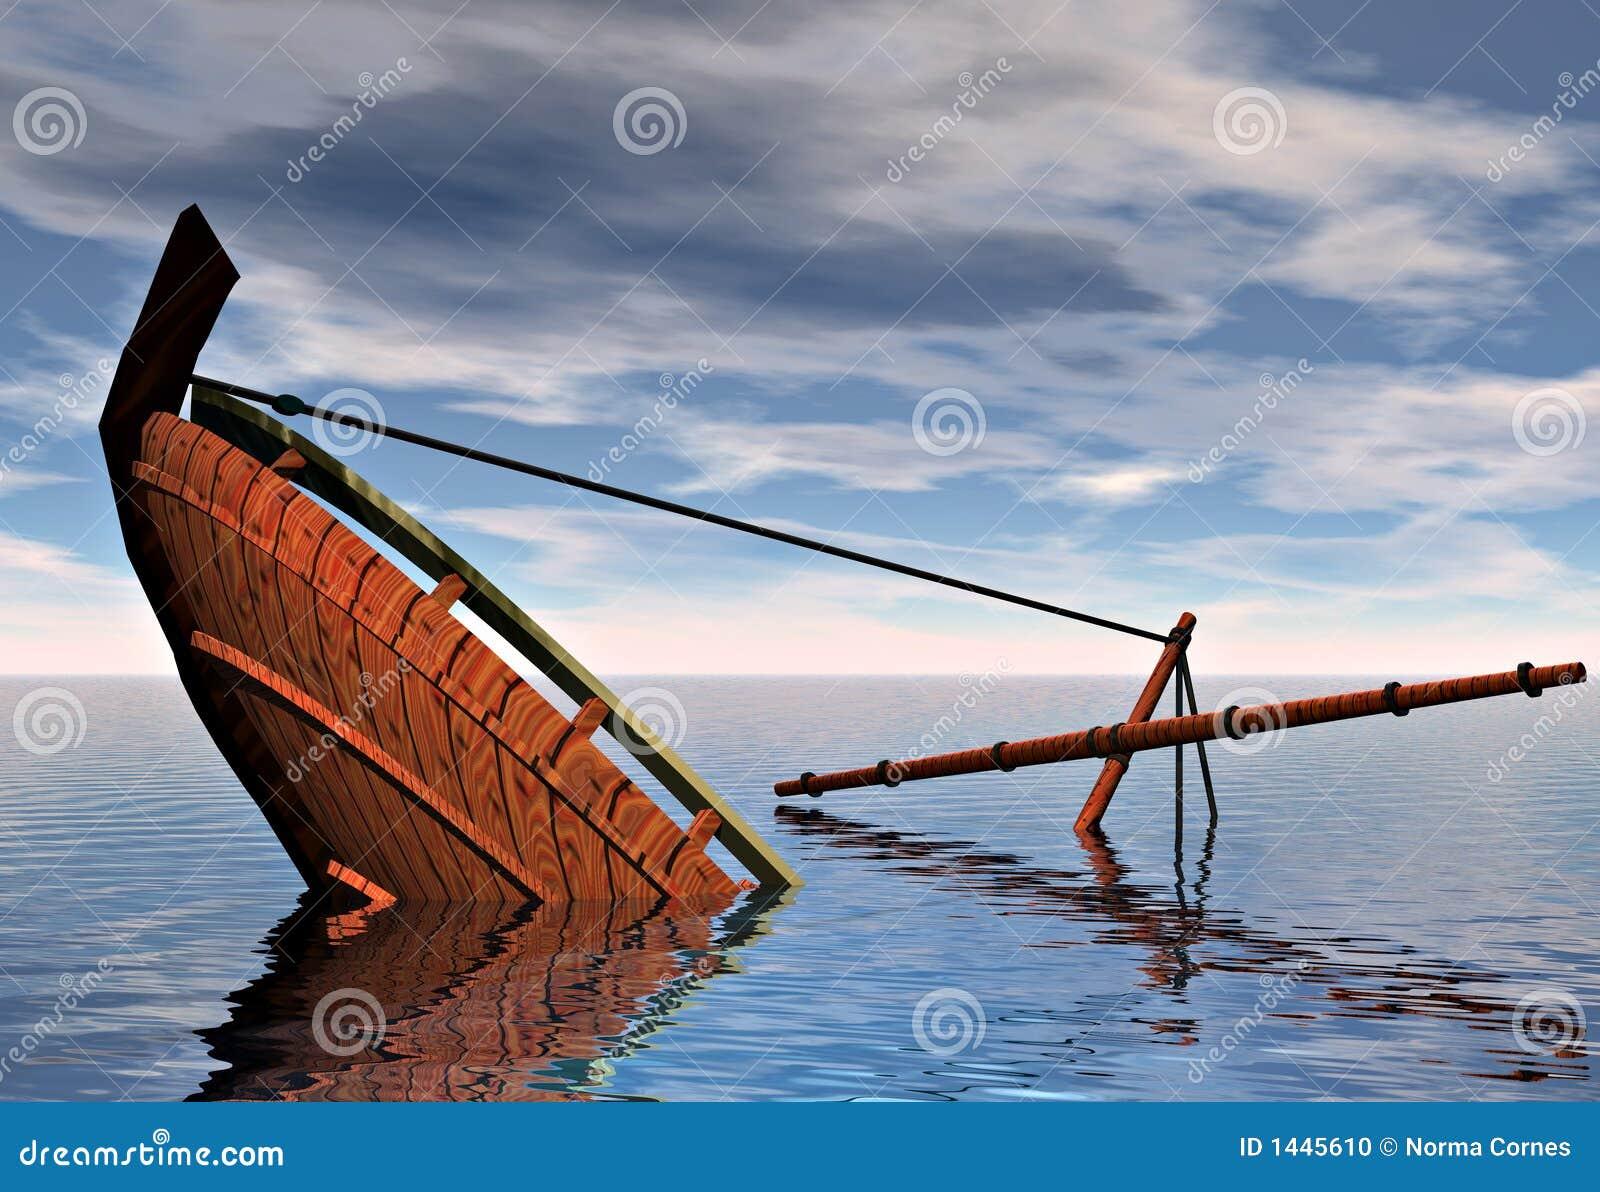 Sinking Ship Stock Photo - Image: 1445610